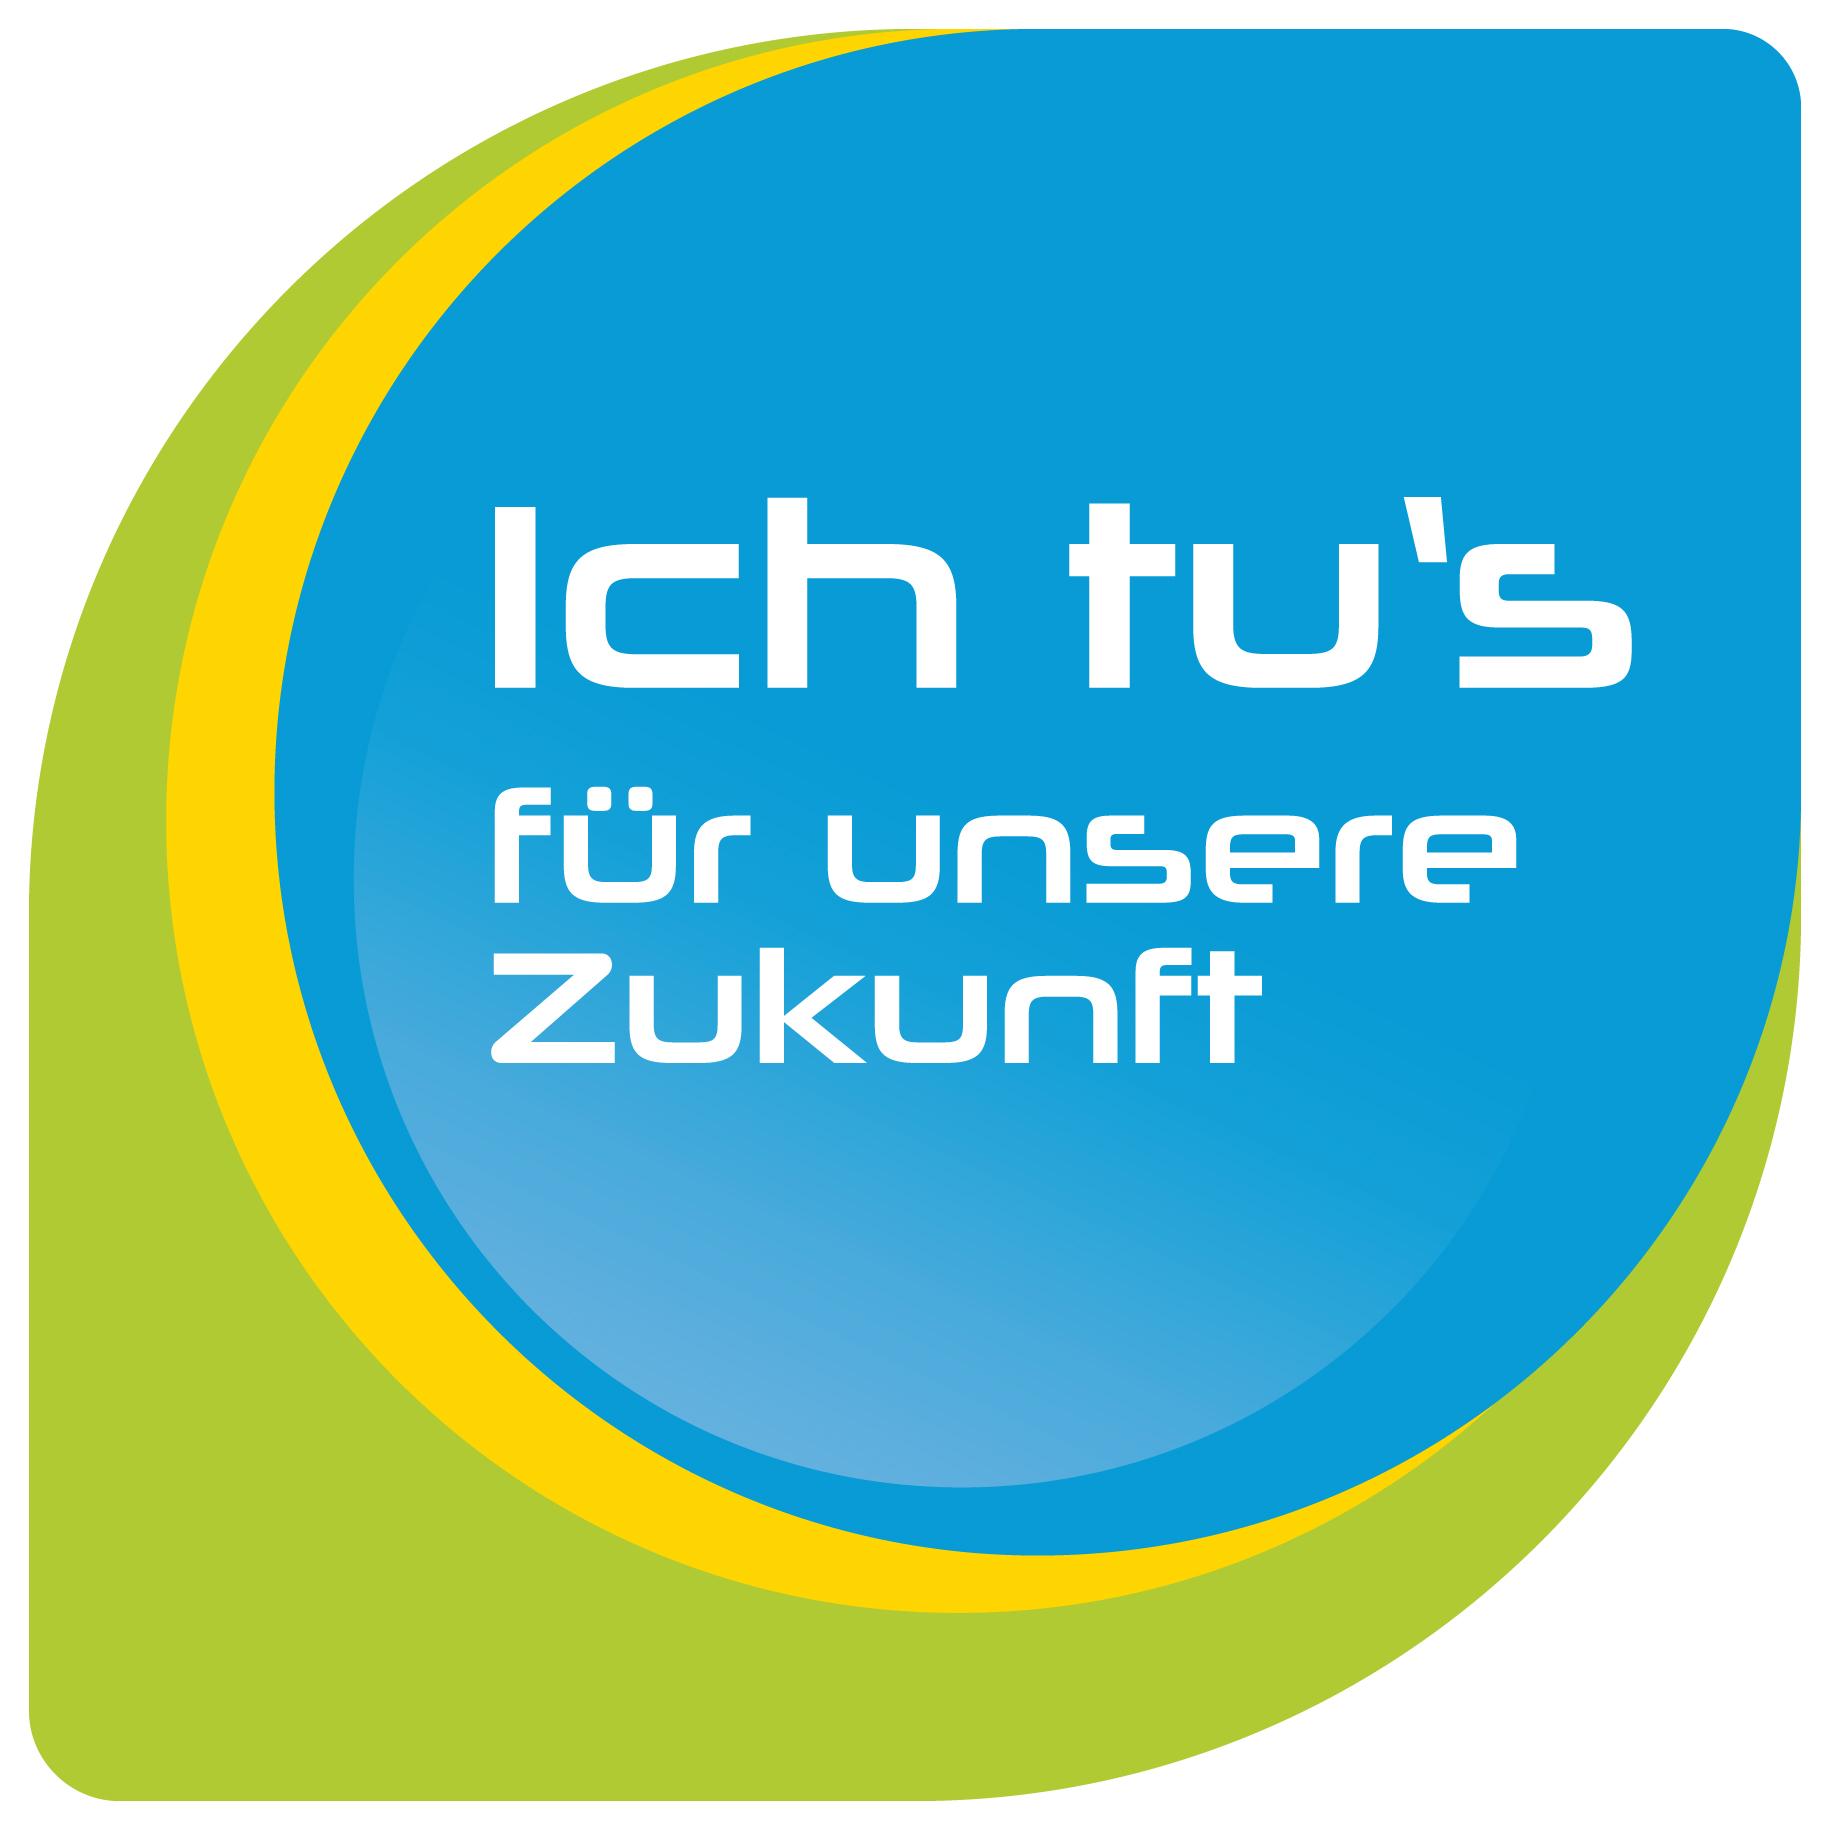 Direktförderungen Land Steiermark für erneuerbare Energien 2018